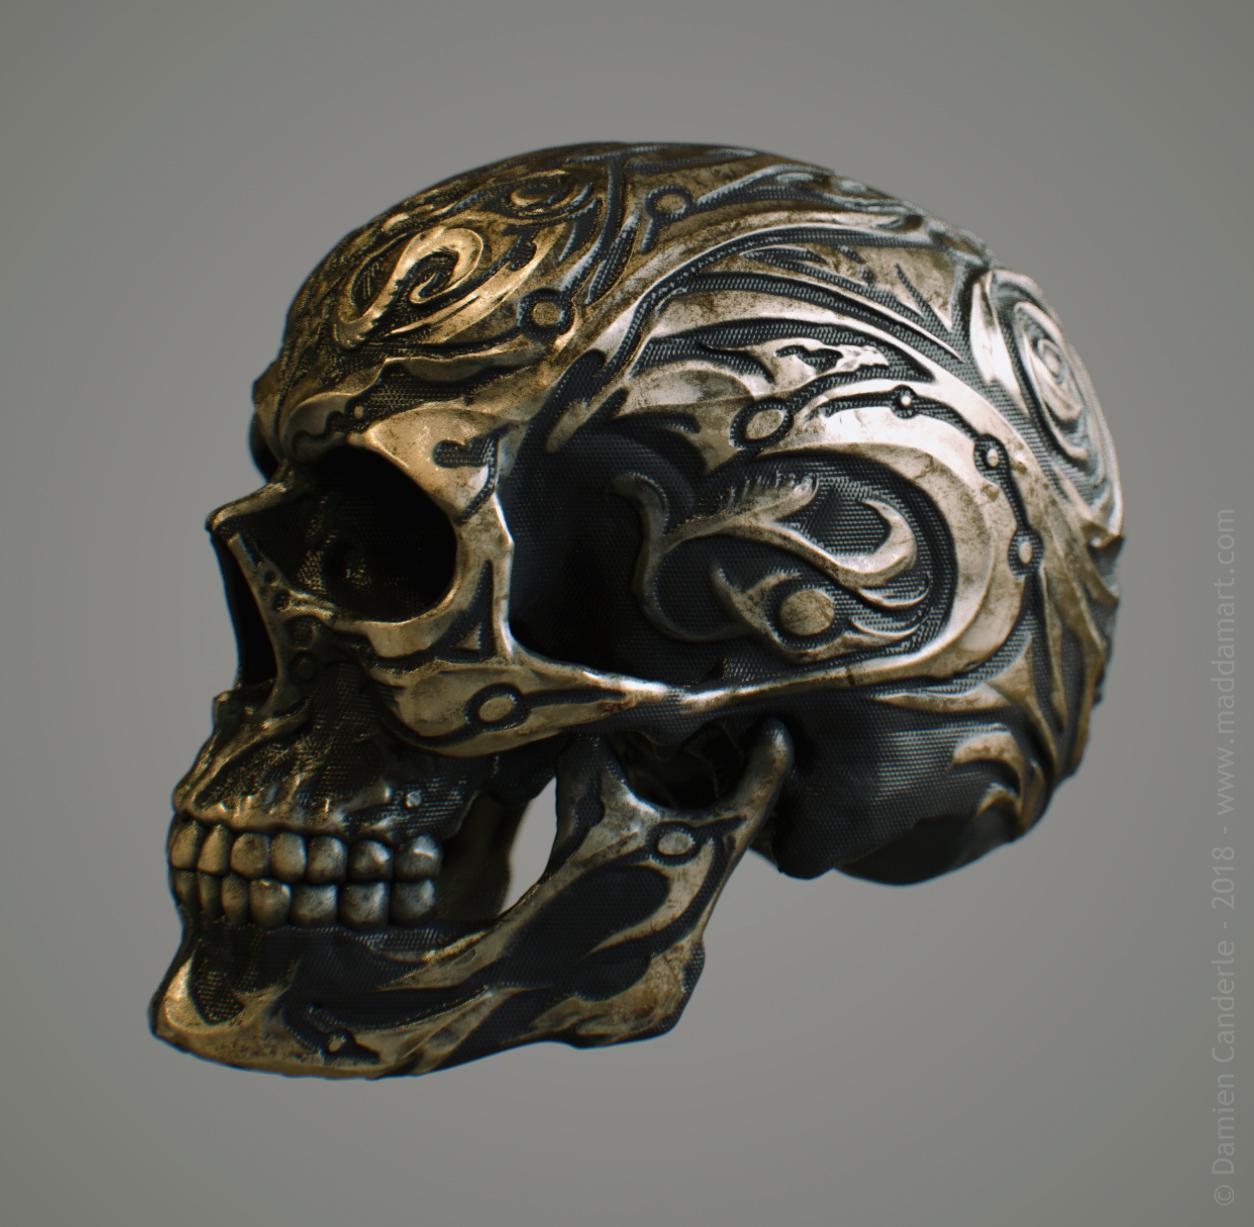 DamienCanderle_Skull_05h